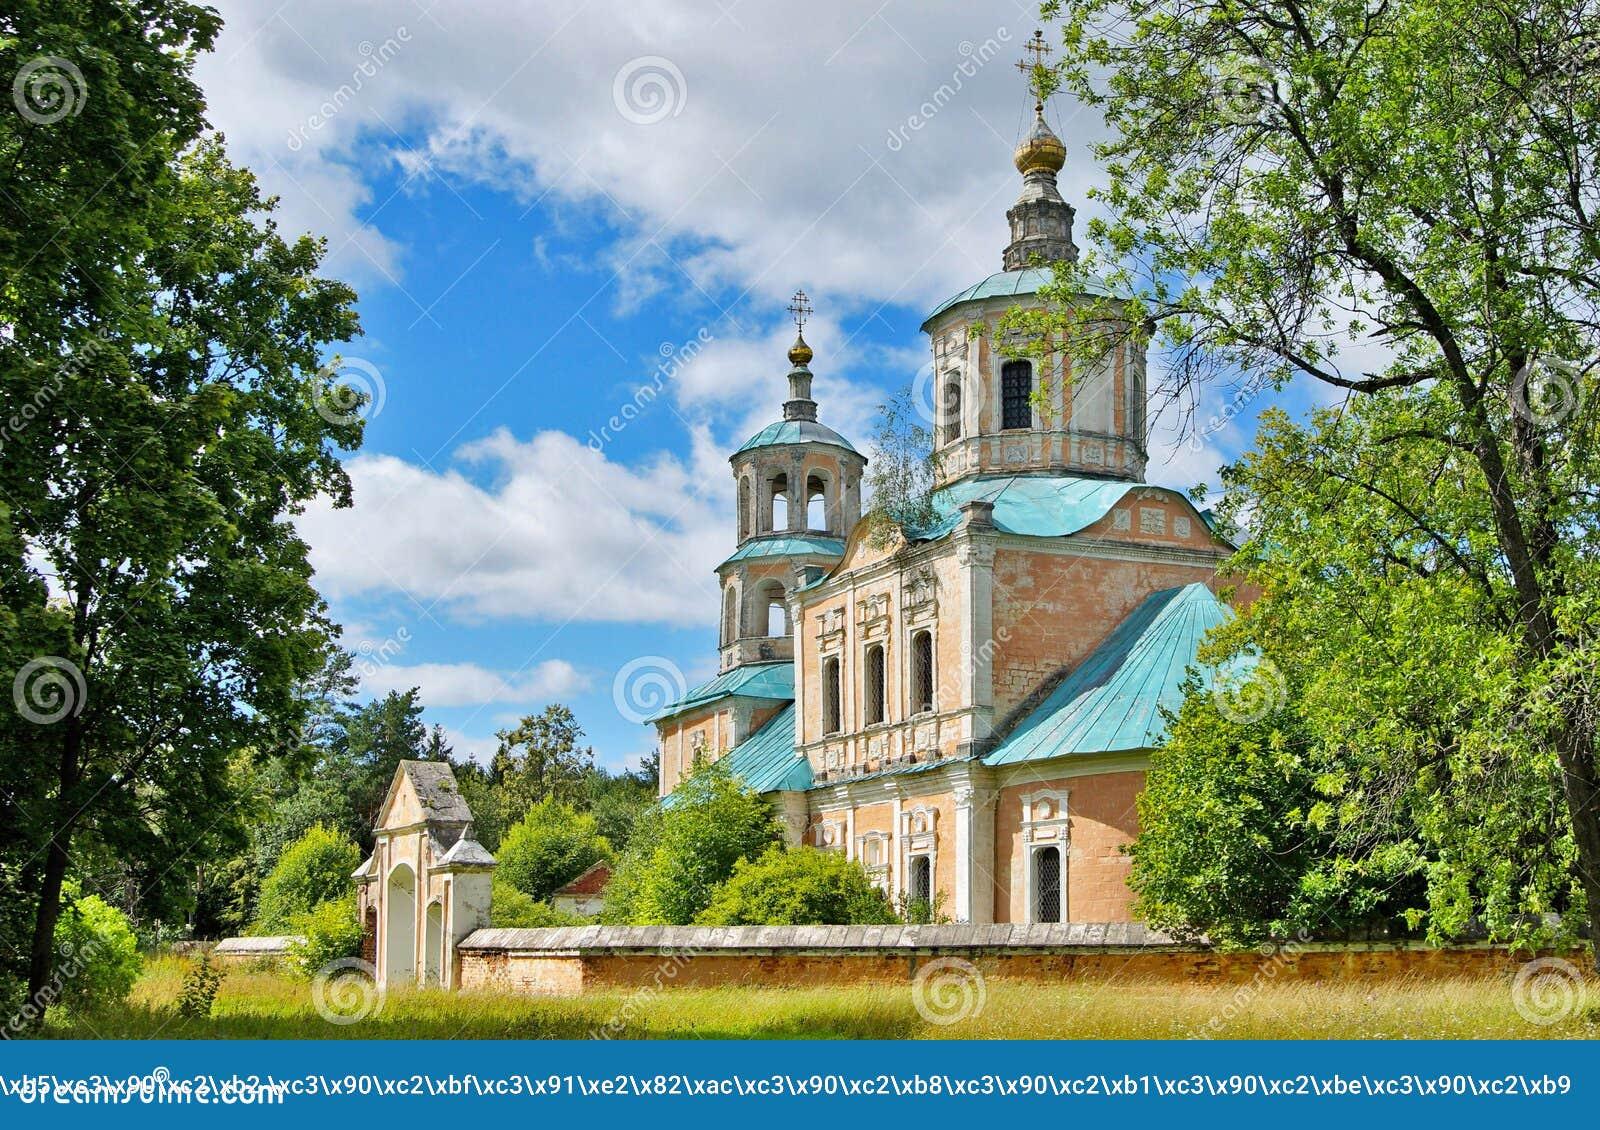 老教会,圣洁,正统,村庄,放弃,无人居住